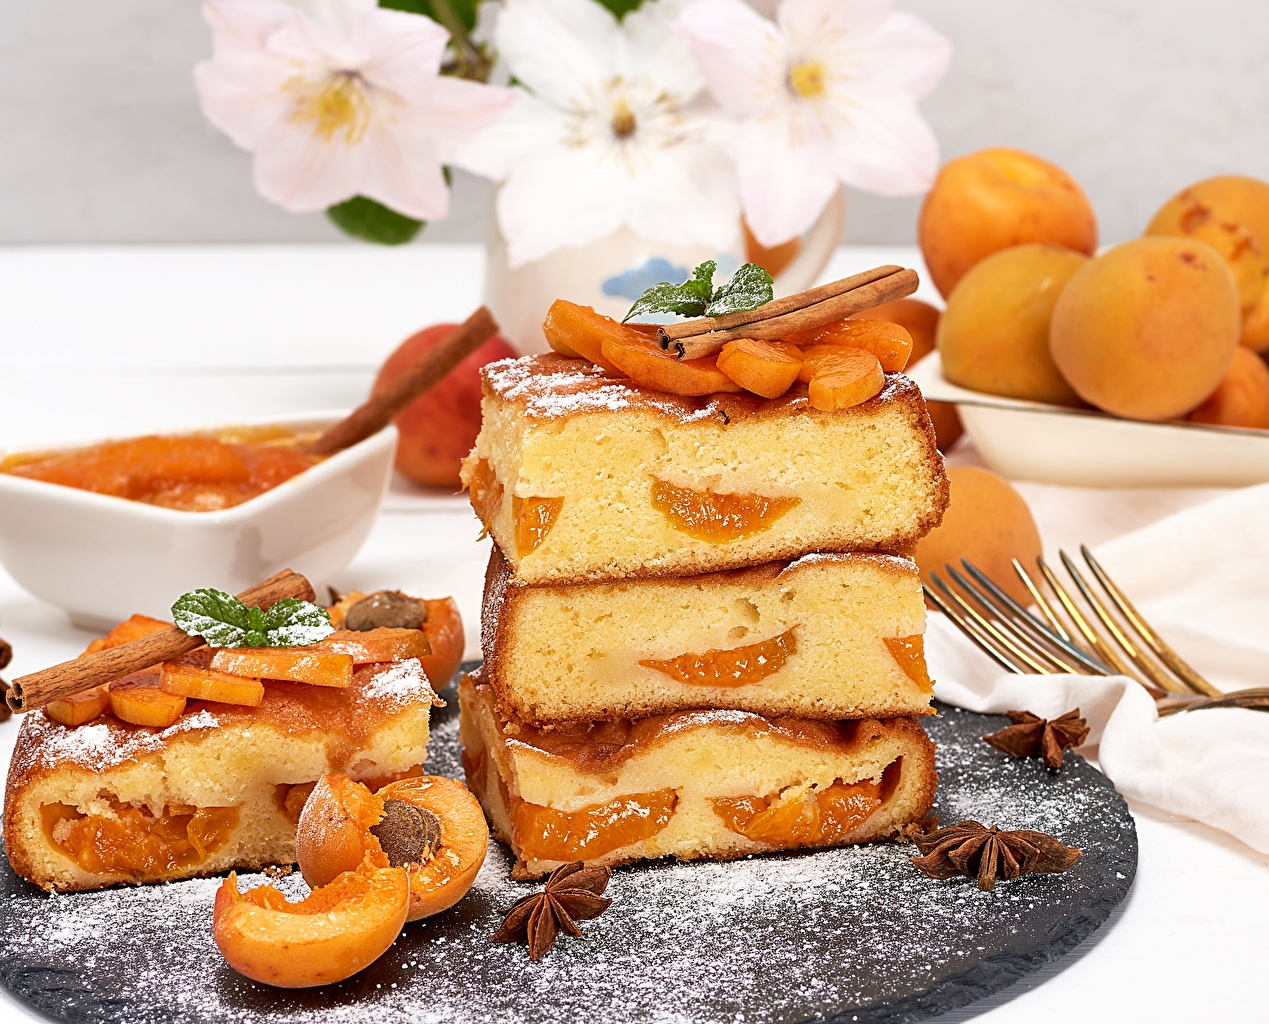 Обои для рабочего стола Пирог Абрикос кусочки Еда часть Кусок кусочек Пища Продукты питания